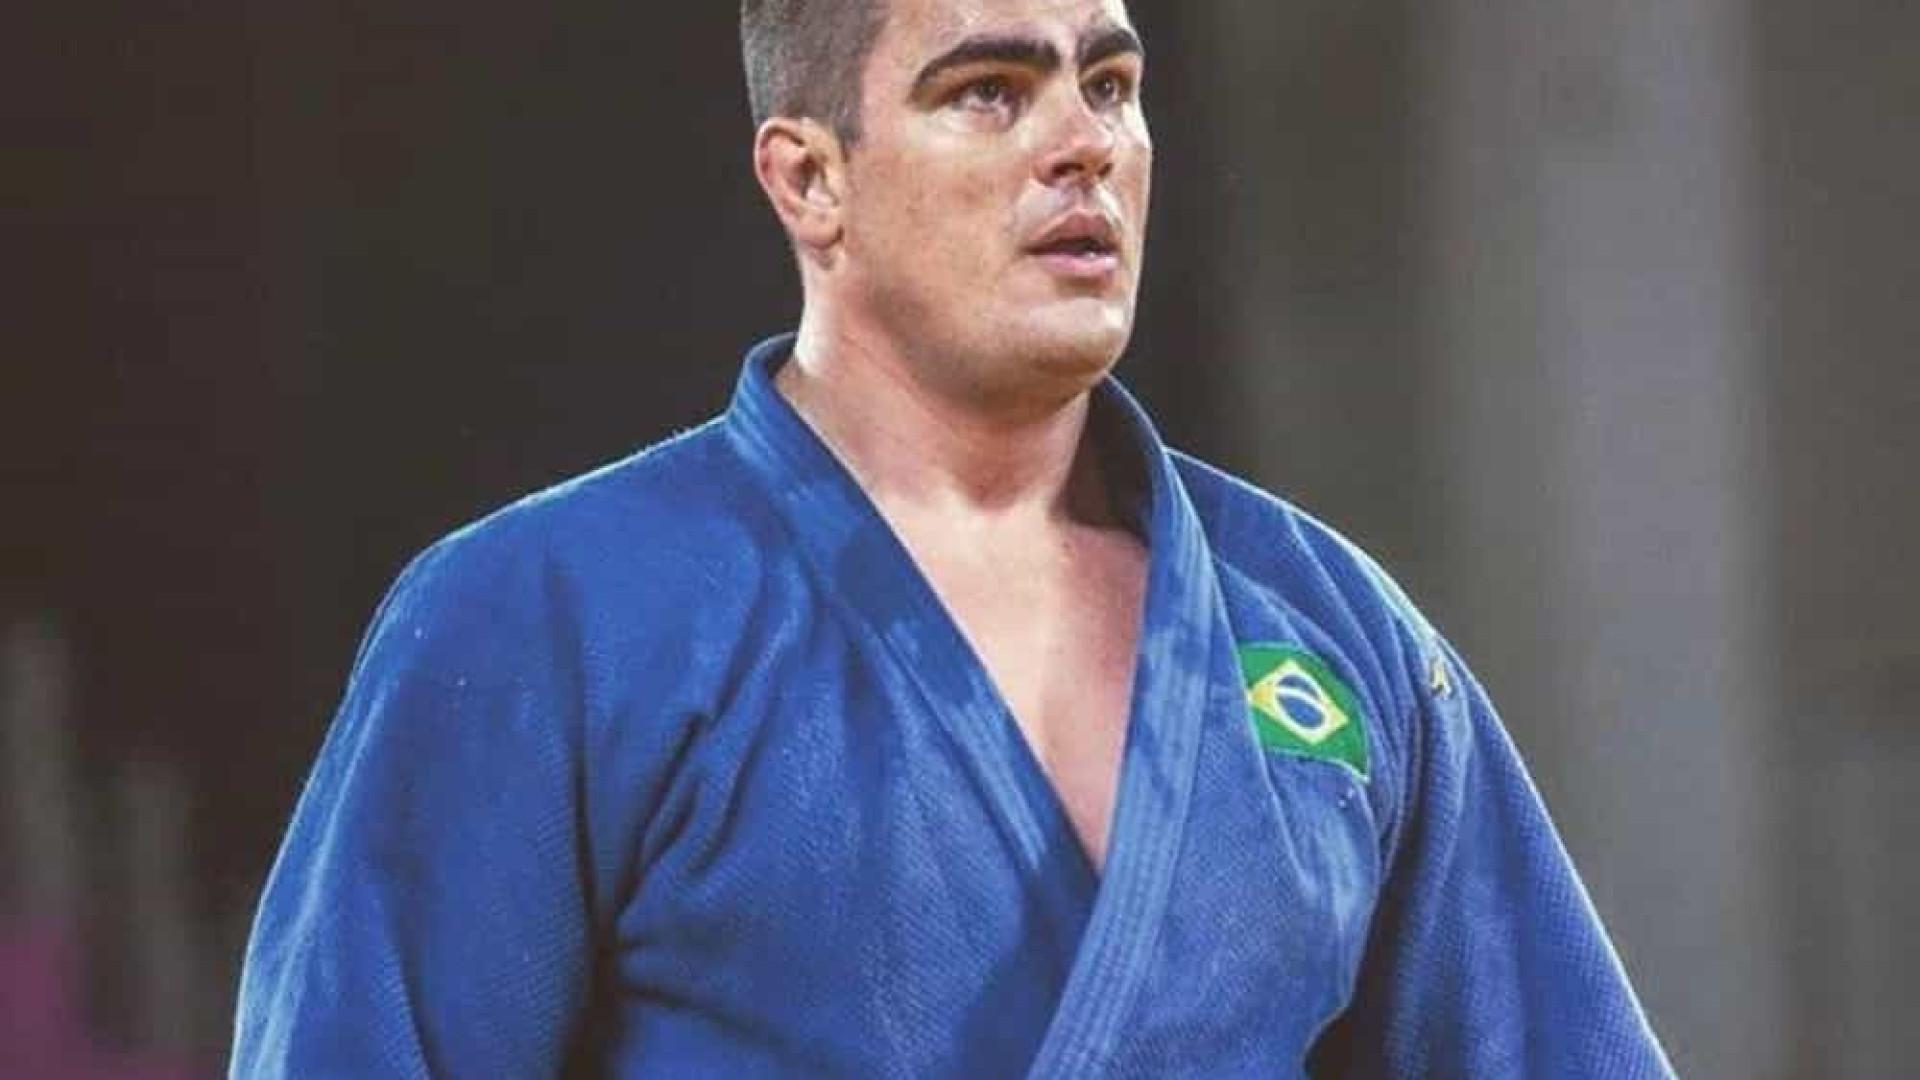 Judoca retribui com projeto social aprendizado que teve na Rocinha